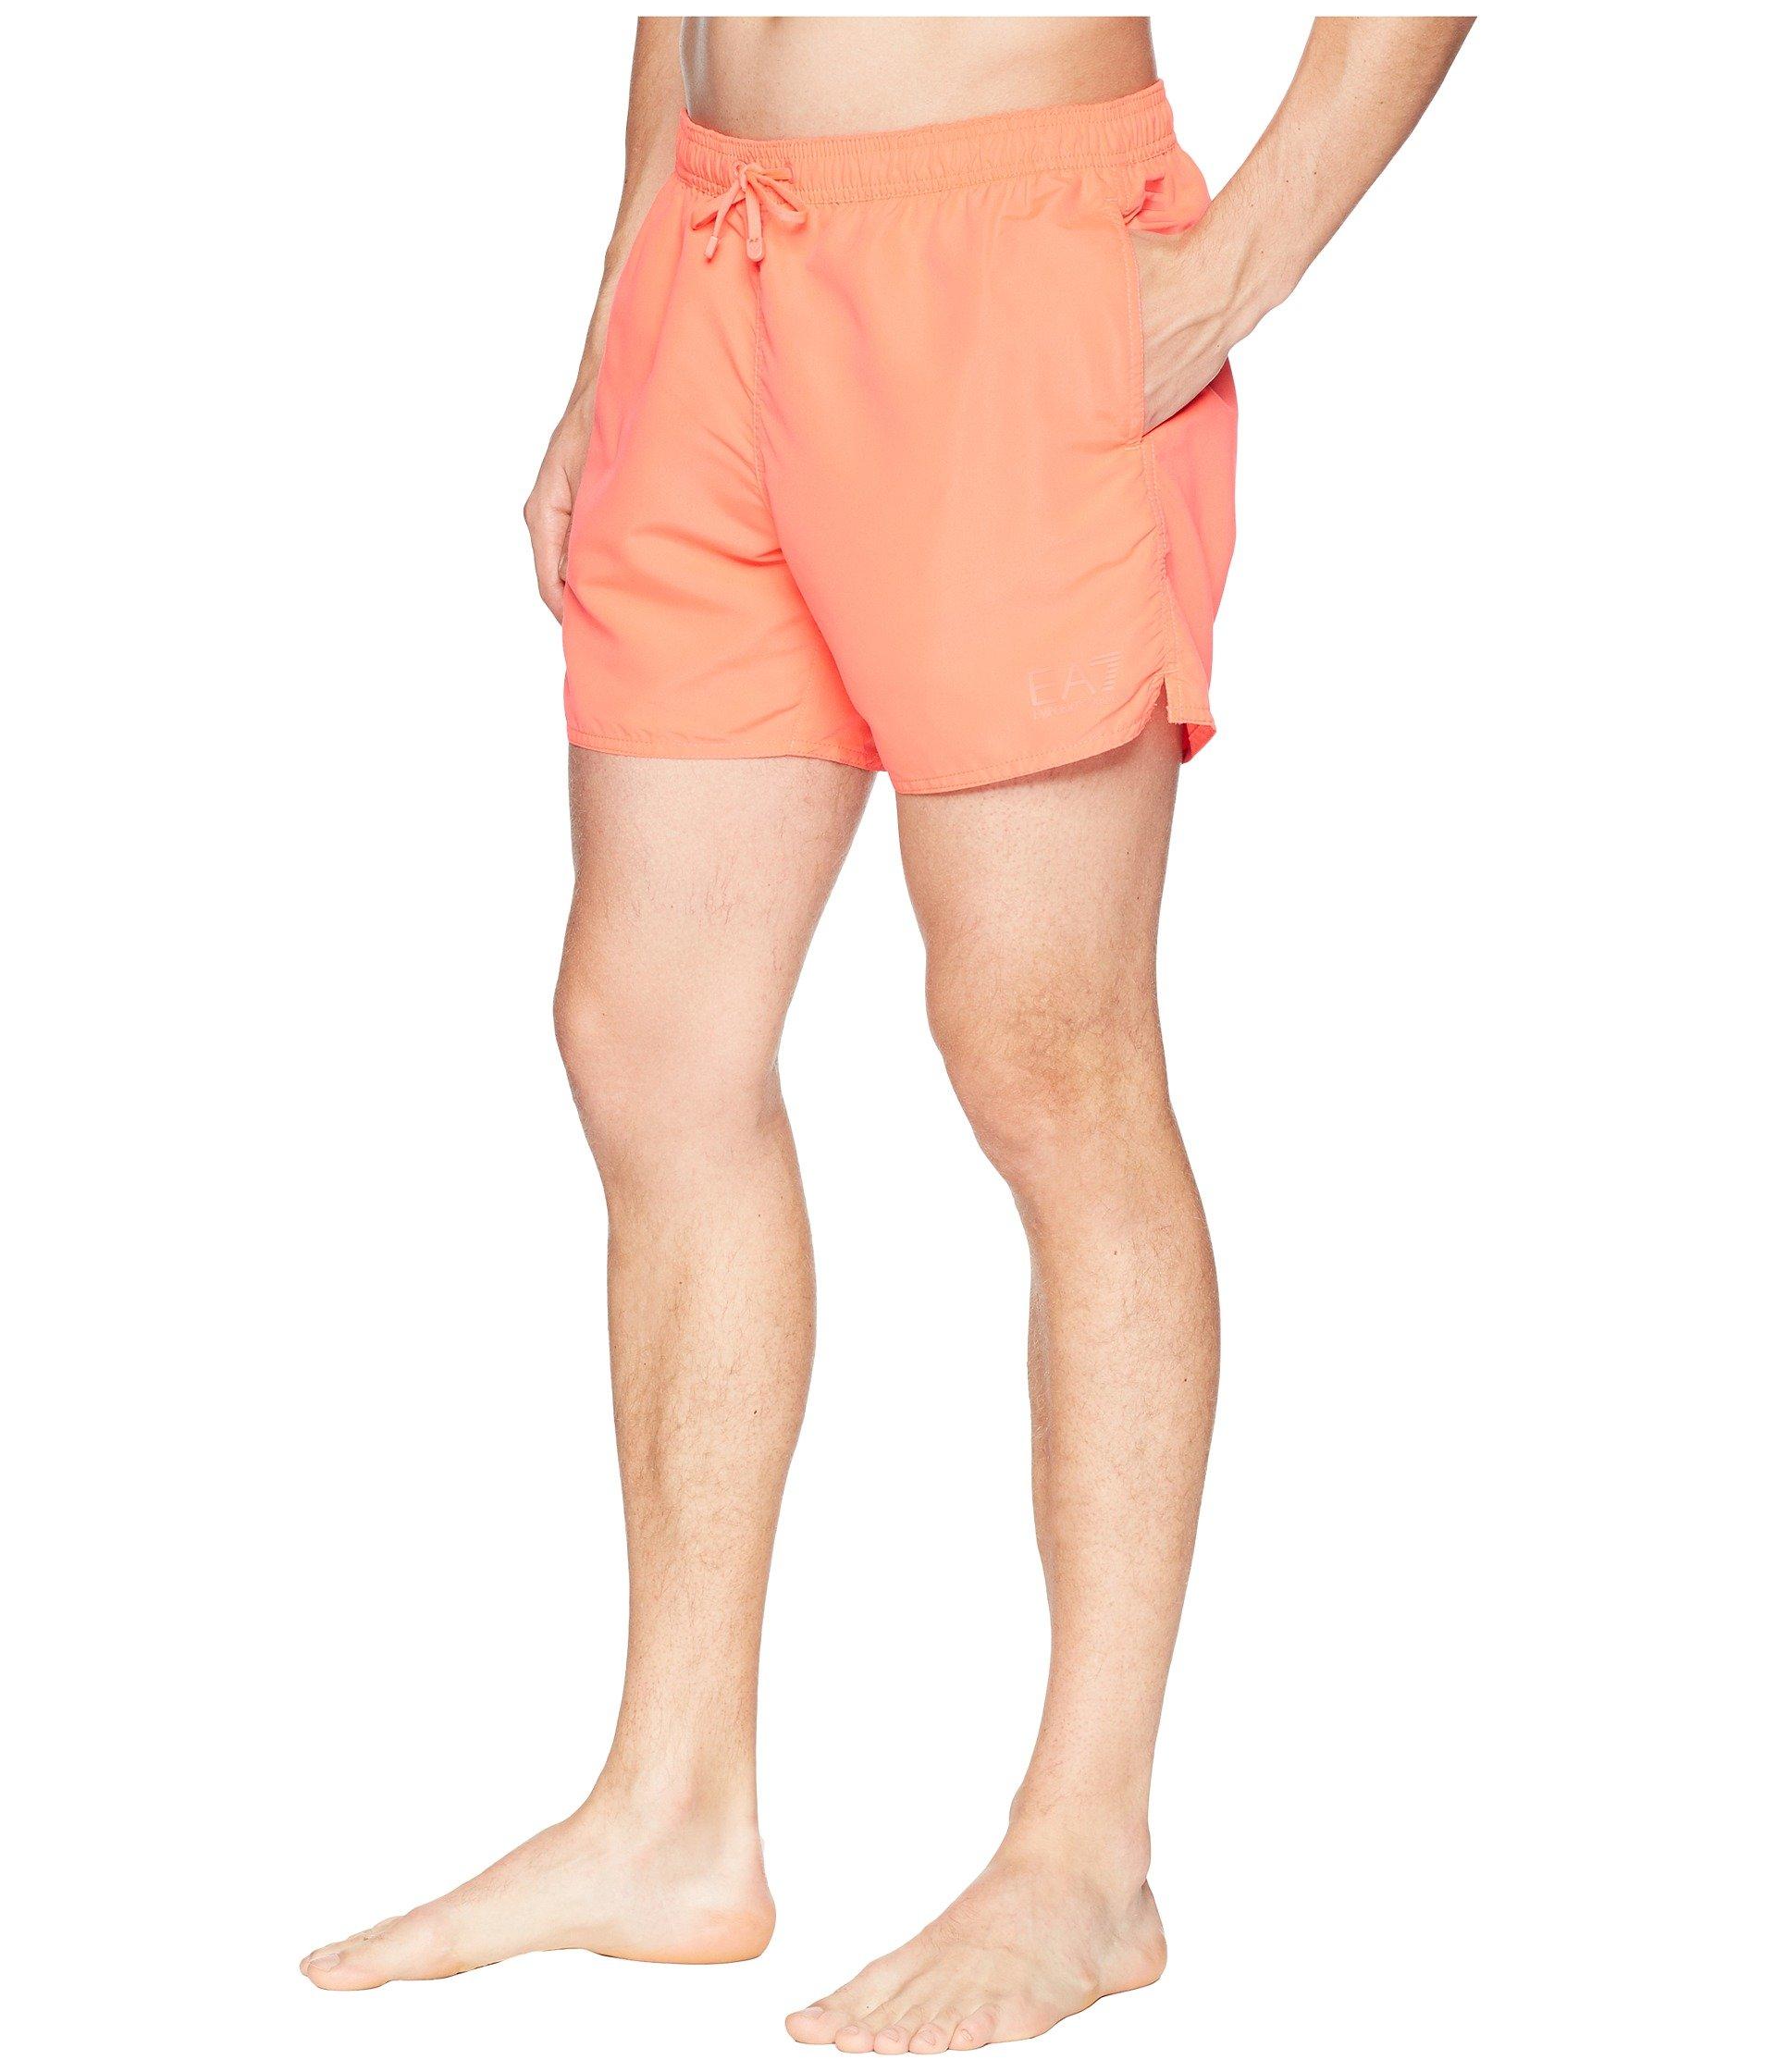 Shorts Rosso Emporio Boxer Fluo Swim World Armani Ea7 Sea vRw0v